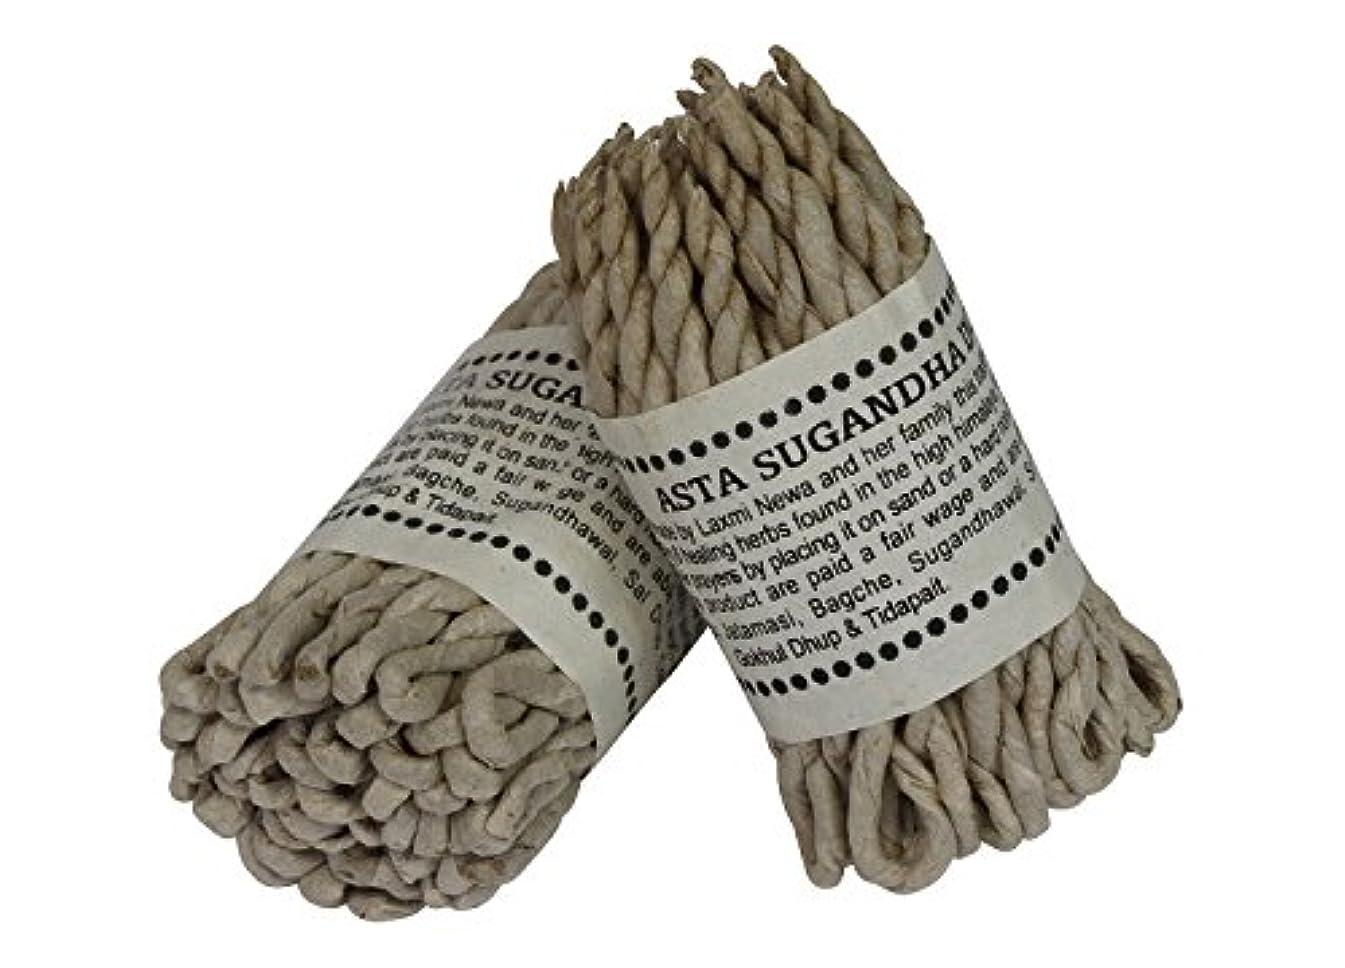 アーク少数ピストルネパール語Rope Incense with有機ハーブハンドメイドネパールからのバンドル2 ( 2 )